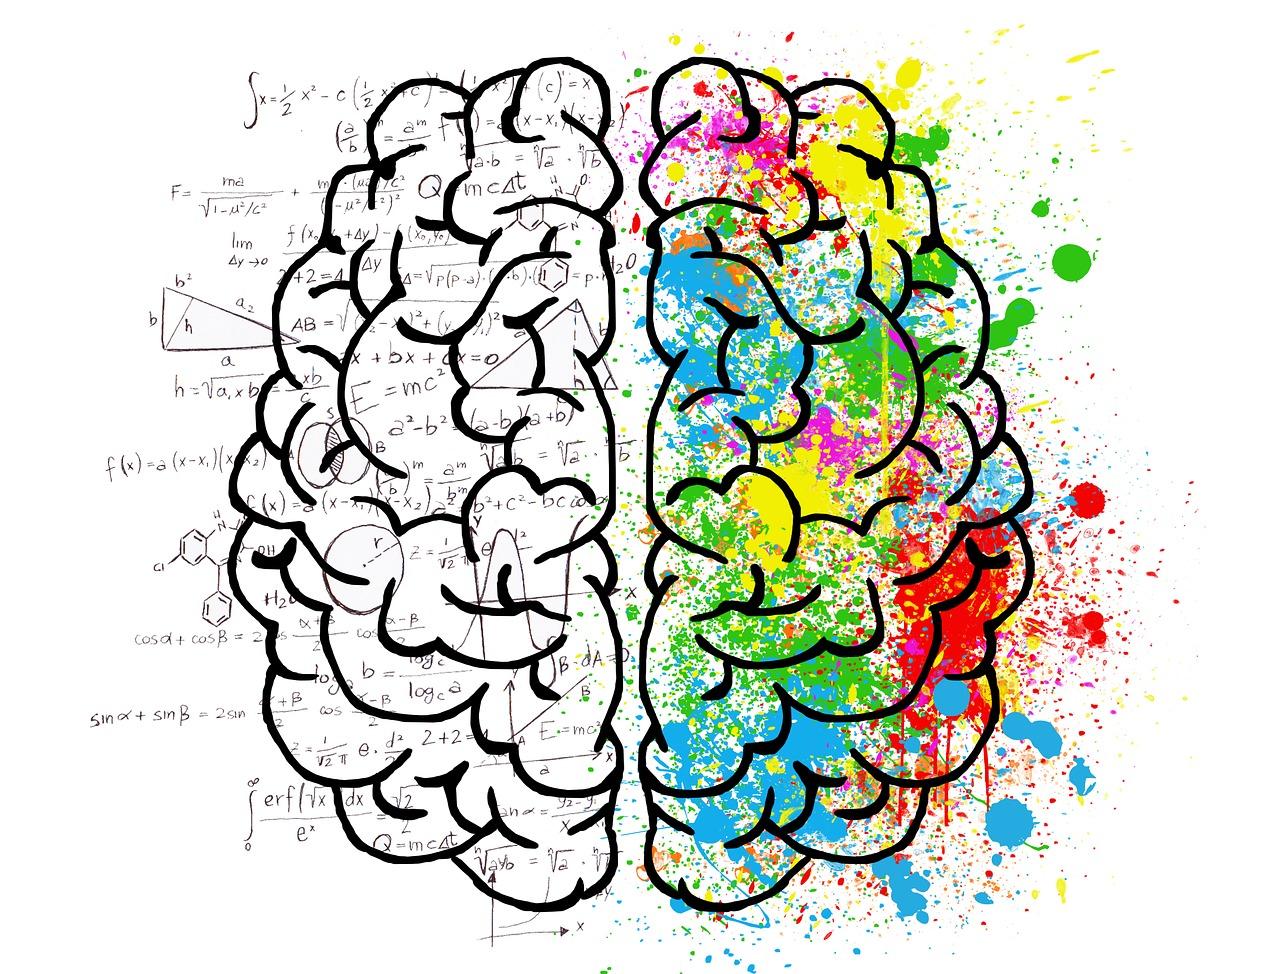 Trastornos de personalidad: prevalencia, tipos y causas